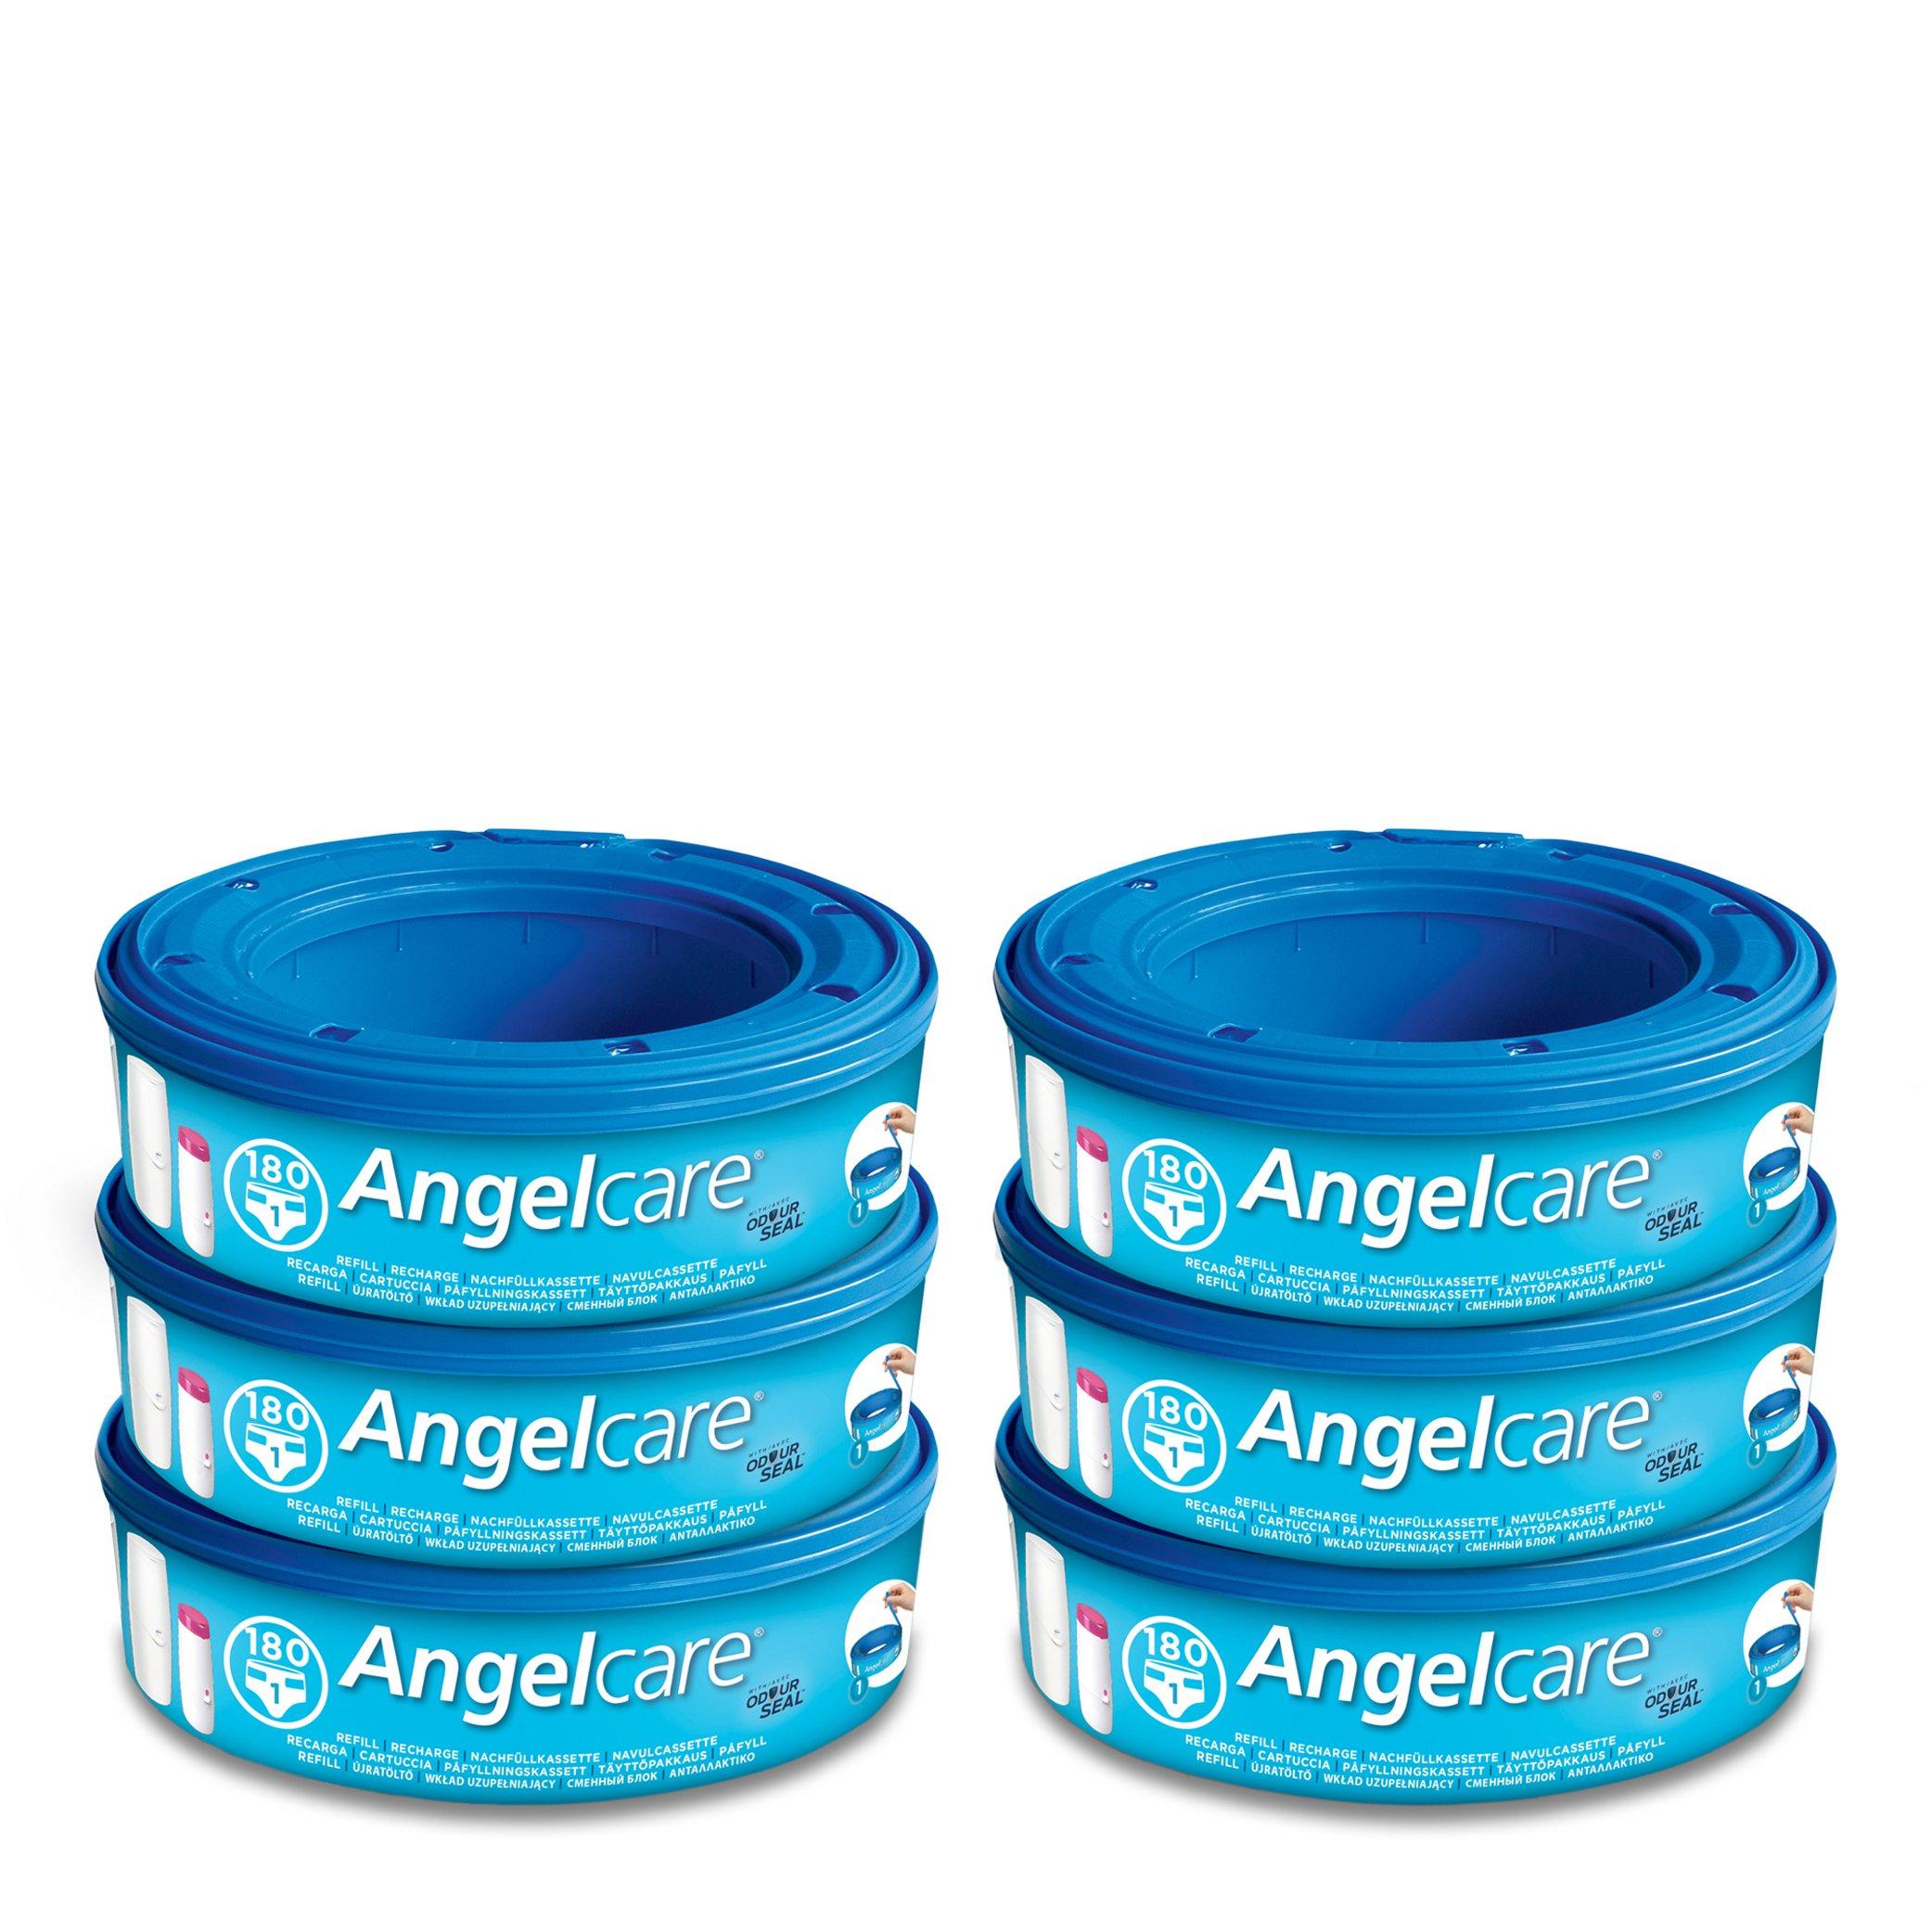 Angelcare - Cubo de basura para pañales y recambios, color blanco (AC1106) product image